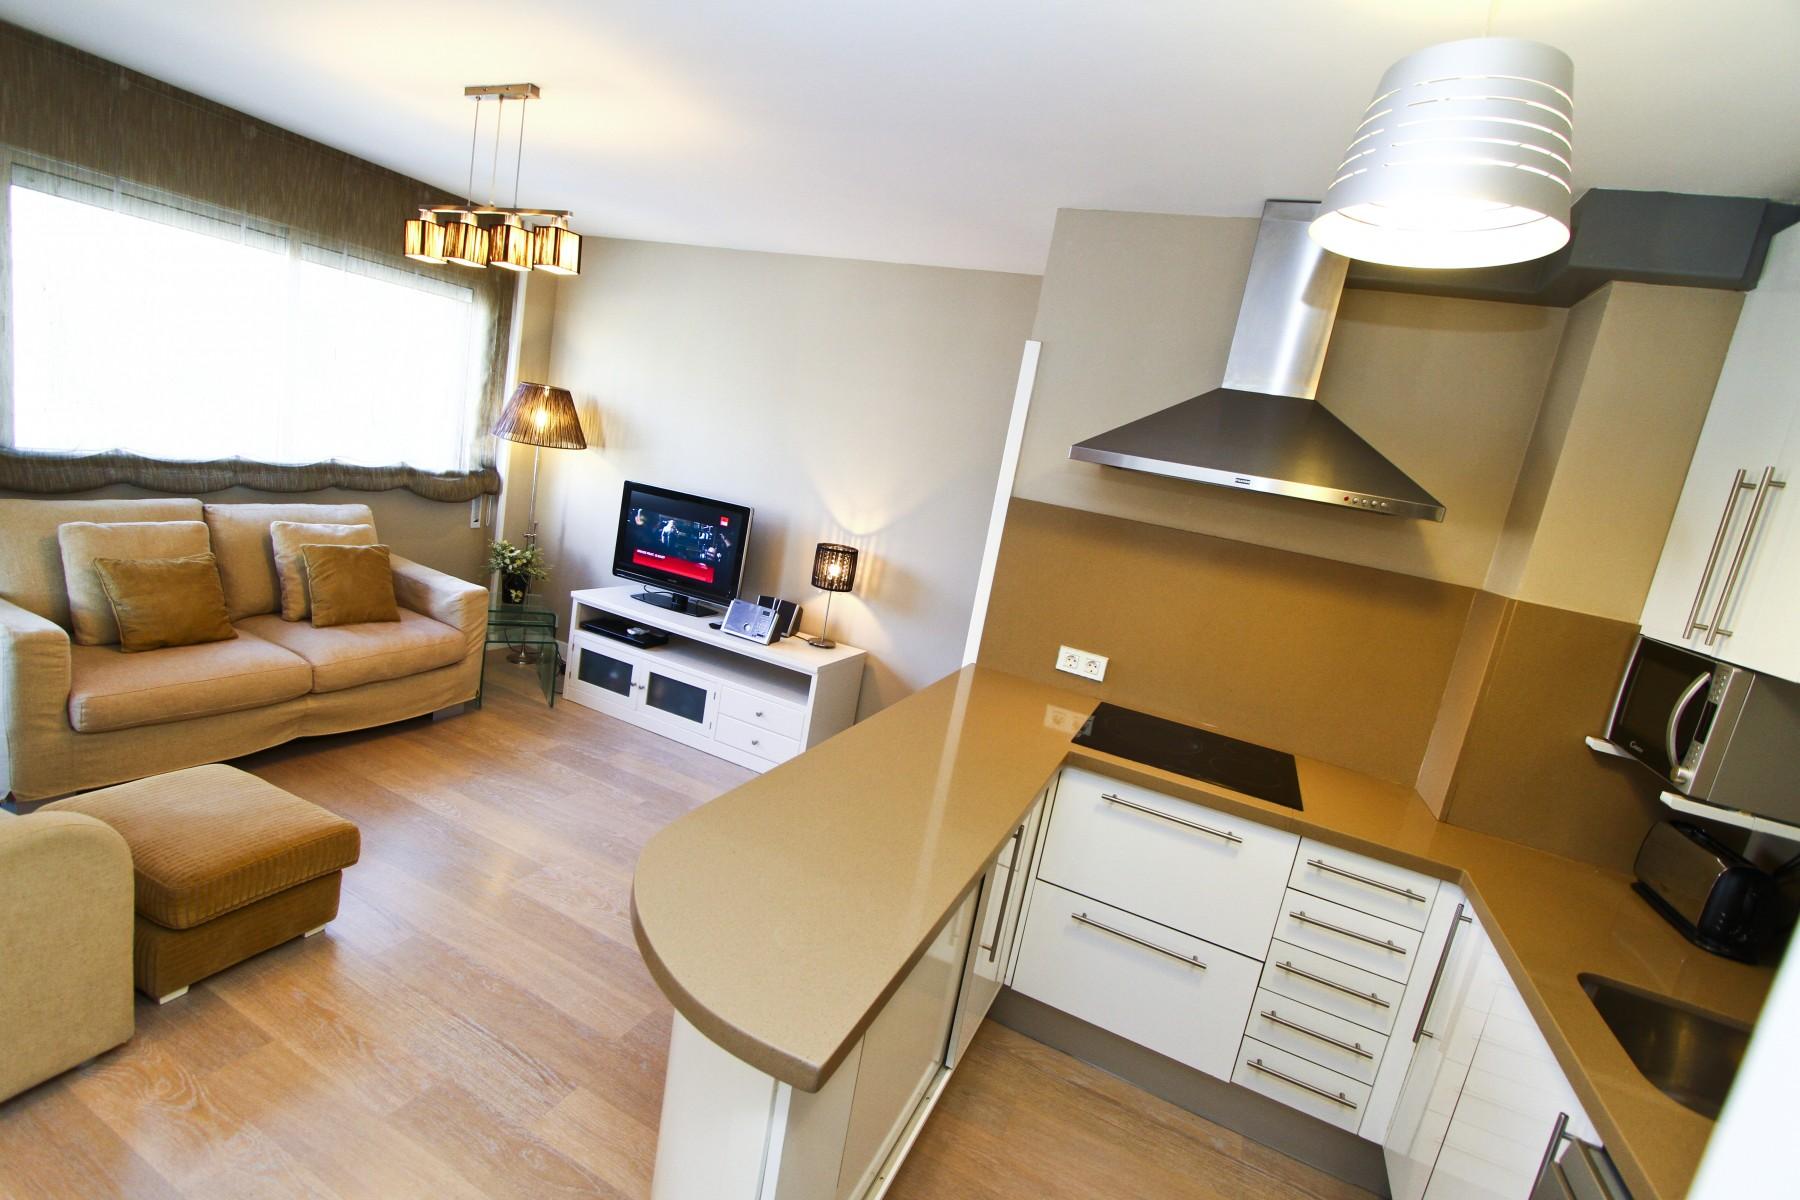 Alquiler apartamento primera linea de playa cambrils cap d 39 or - Alquiler apartamento en cambrils ...